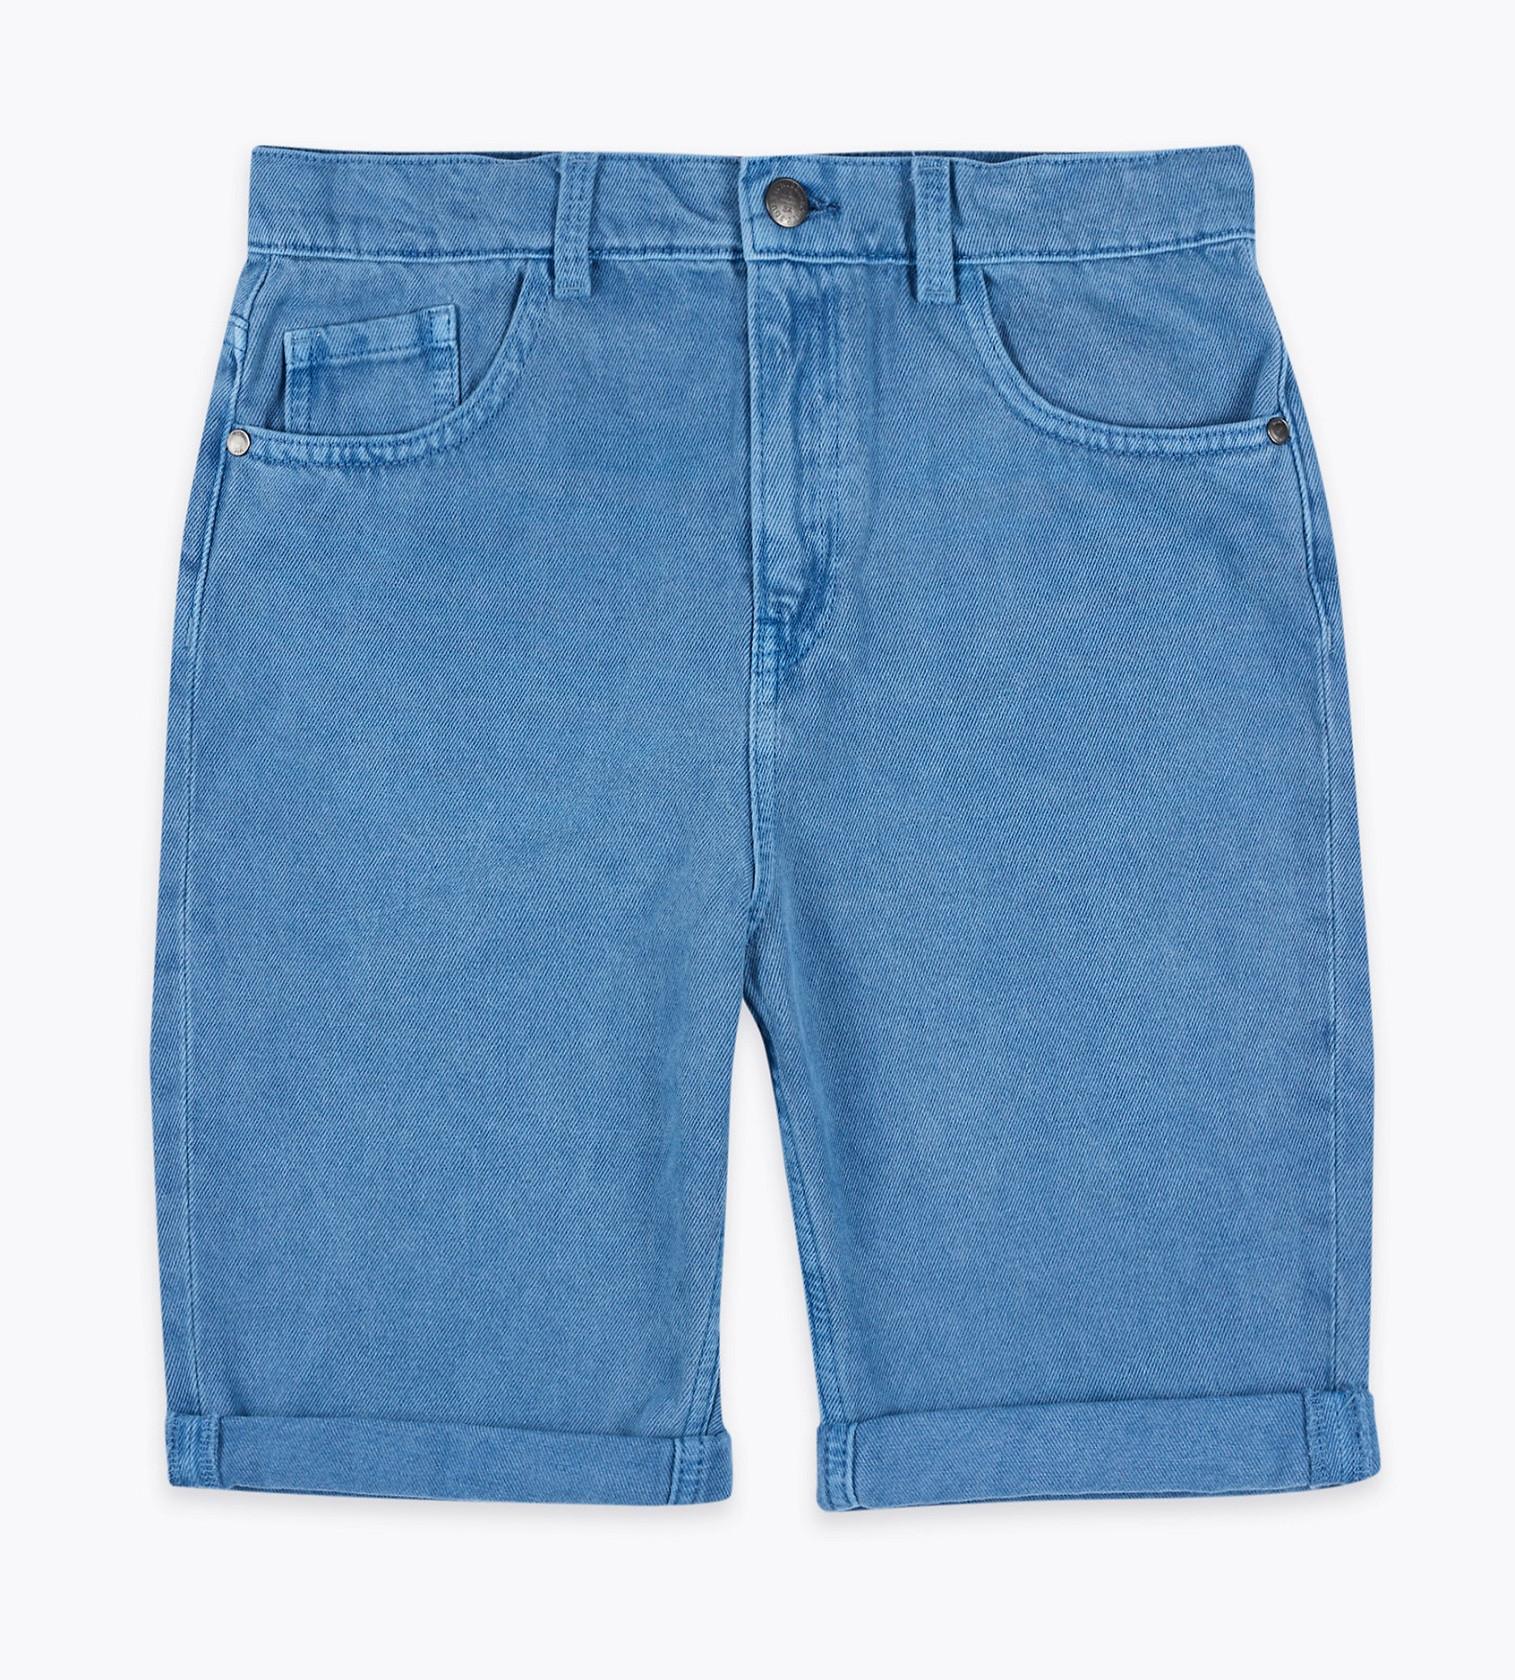 Купити Джинсові шорти M&S Blue - фото 1